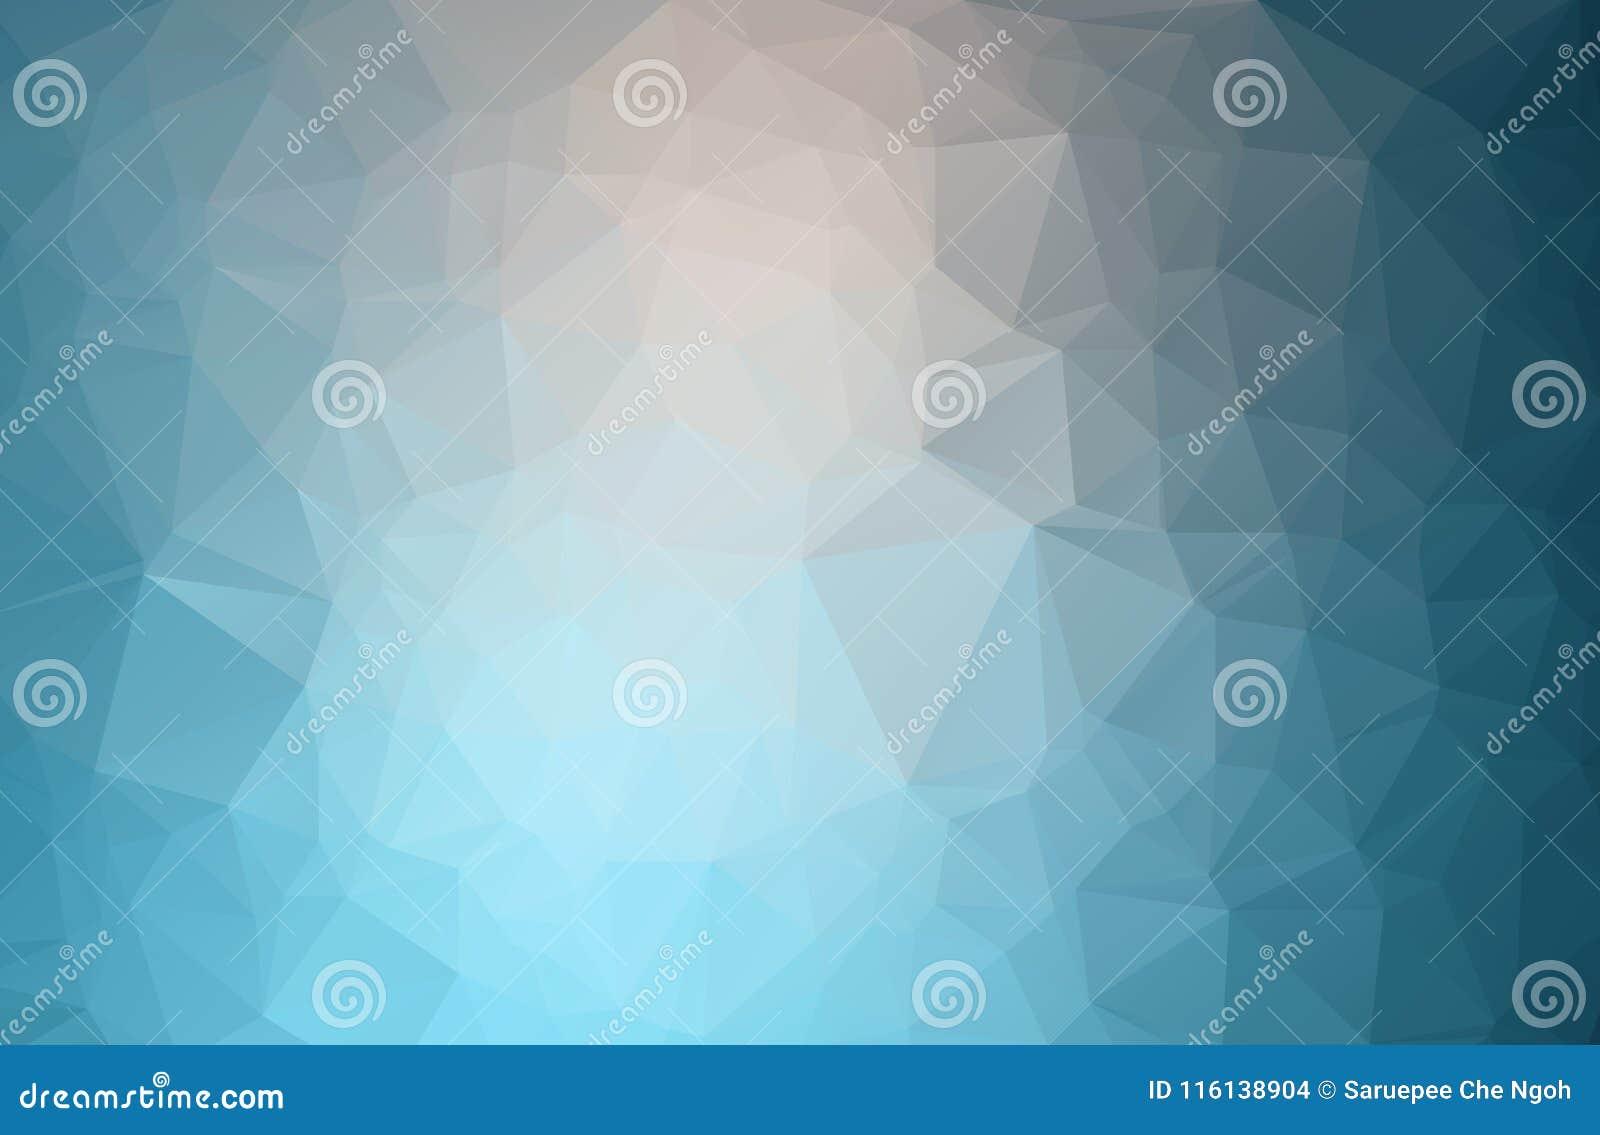 Абстрактная геометрическая предпосылка с полигонами Состав графиков информации с геометрическими формами Ретро конструкция ярлыка